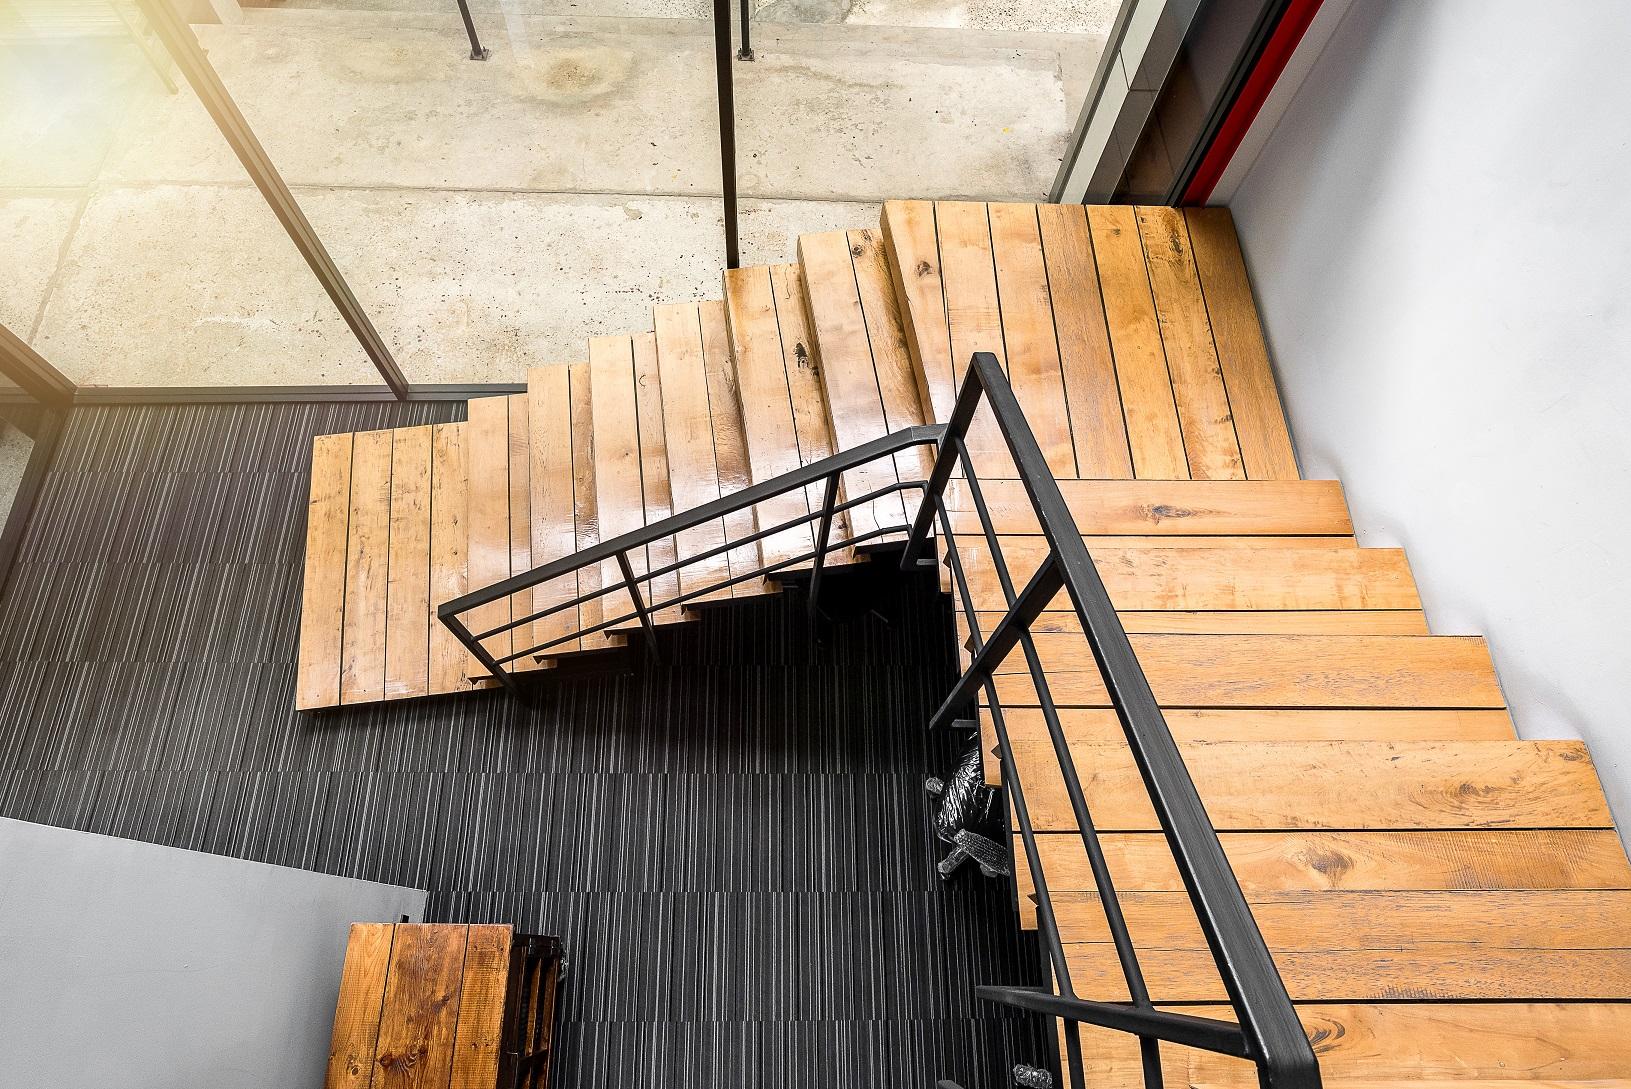 Huile Pour Escalier Hetre escaliers en bois sur mesure ou en kit ? le guide de choix